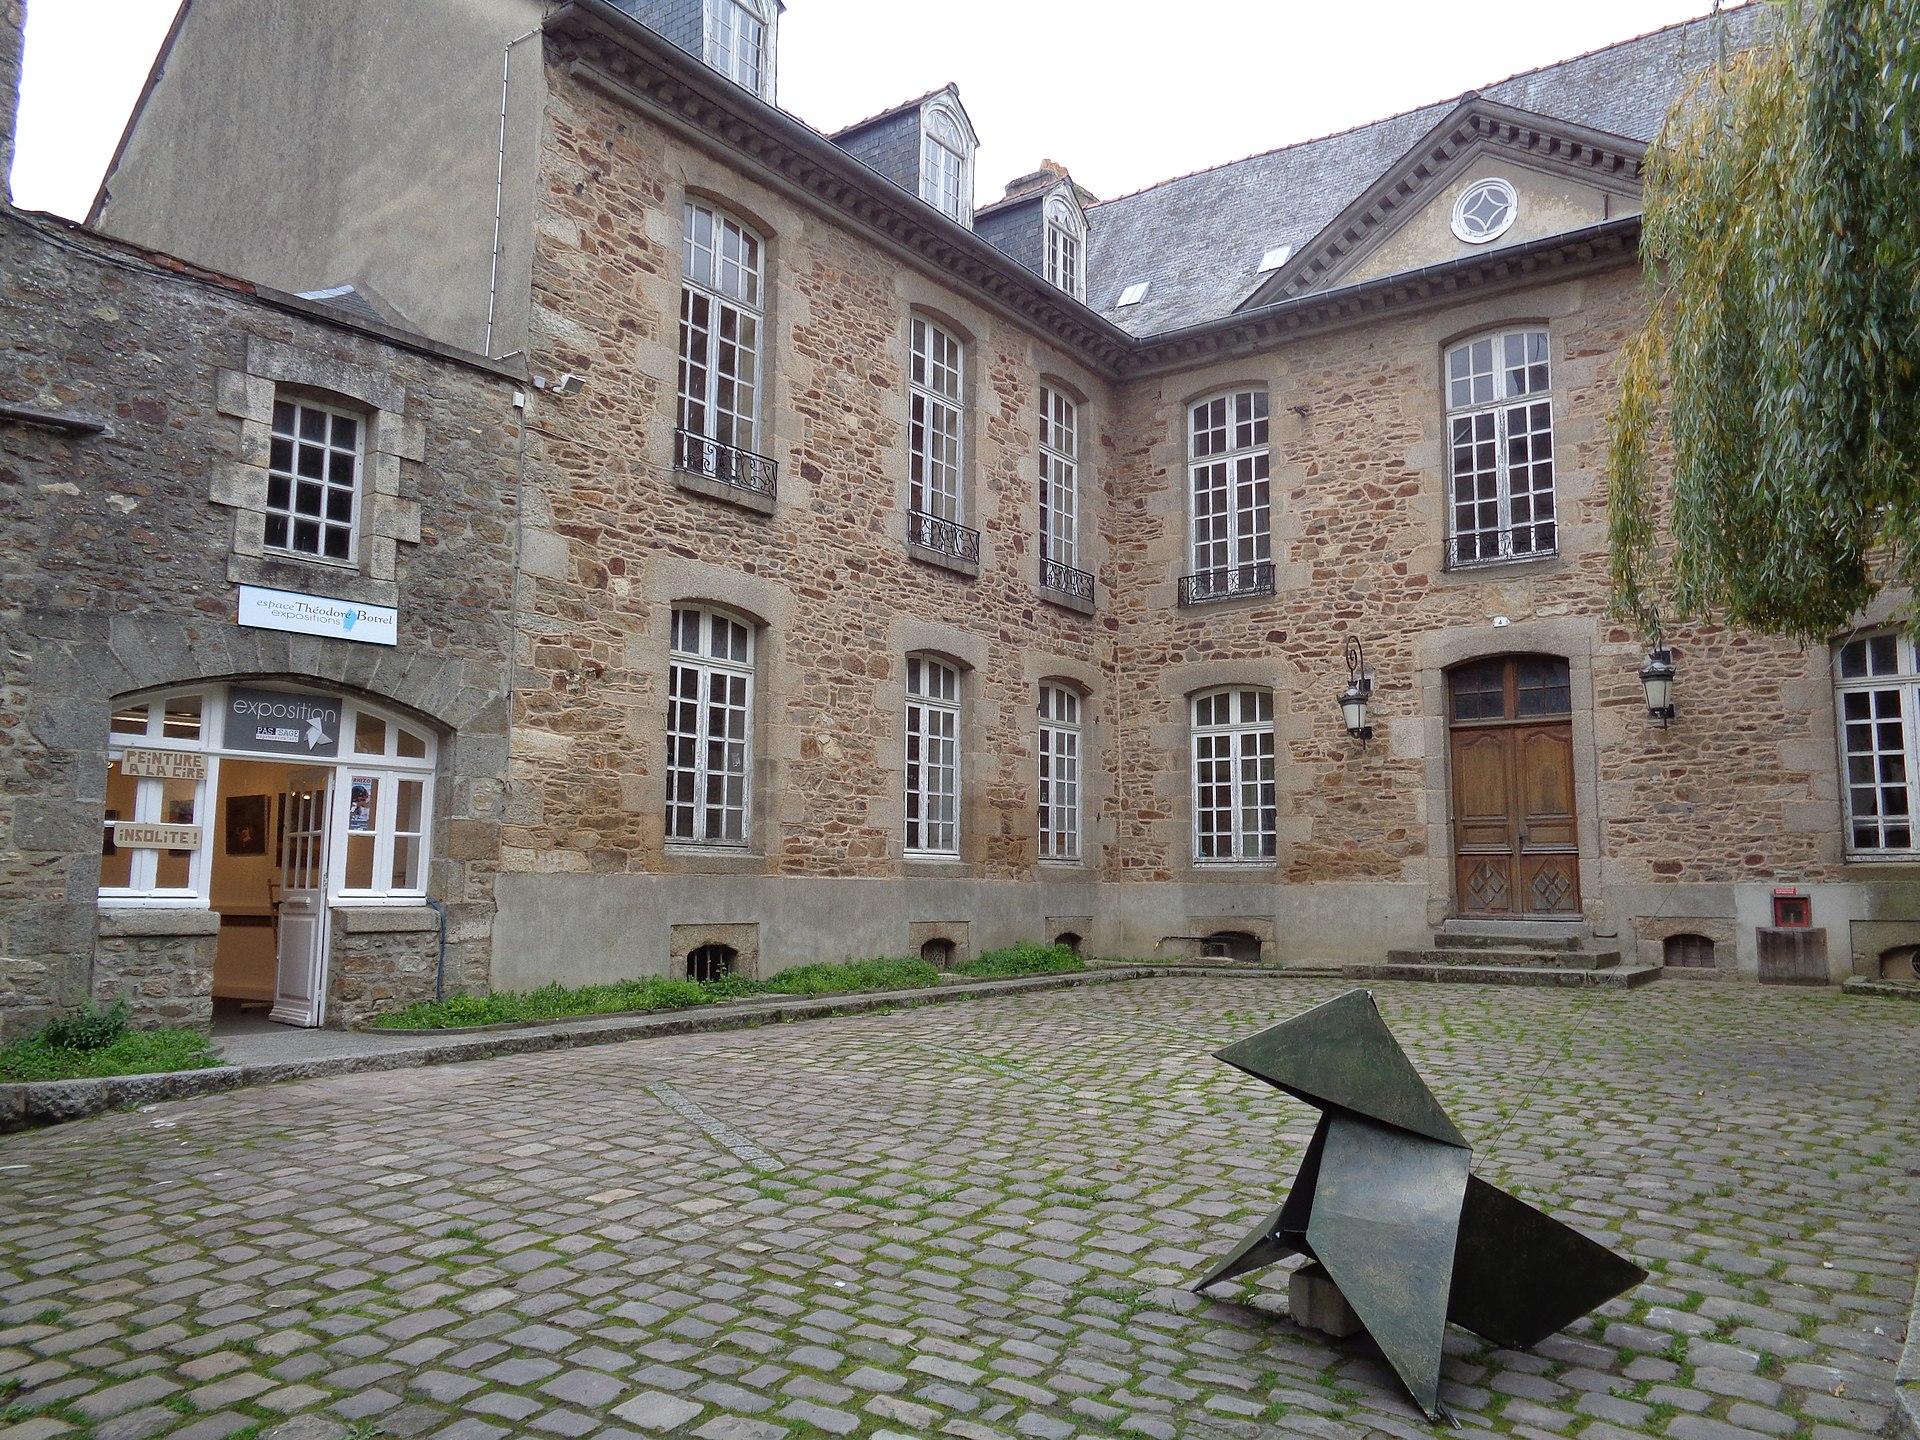 Hotel Des Cotes De Meuse Saint Maurice Sous Les C Ef Bf Bdtes